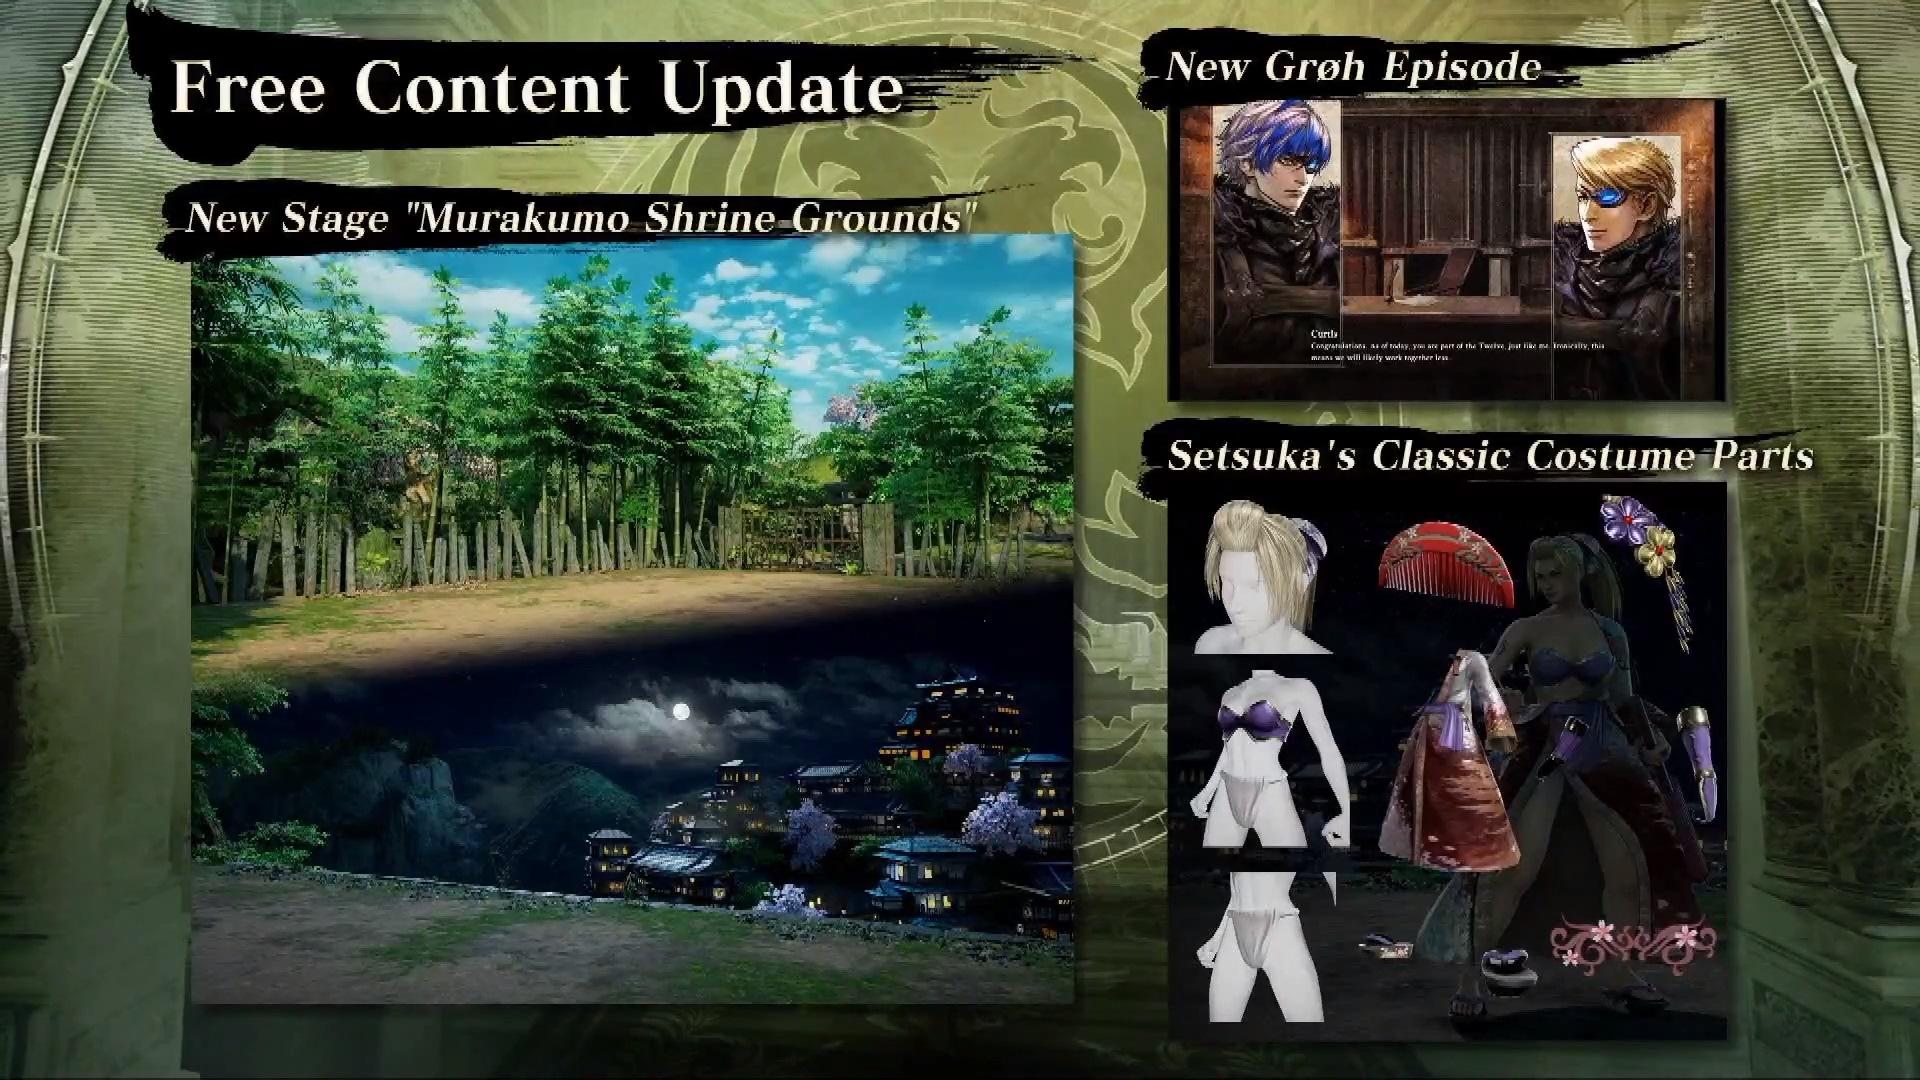 《灵魂能力6》新角色8月4日推出 有免费更新内容